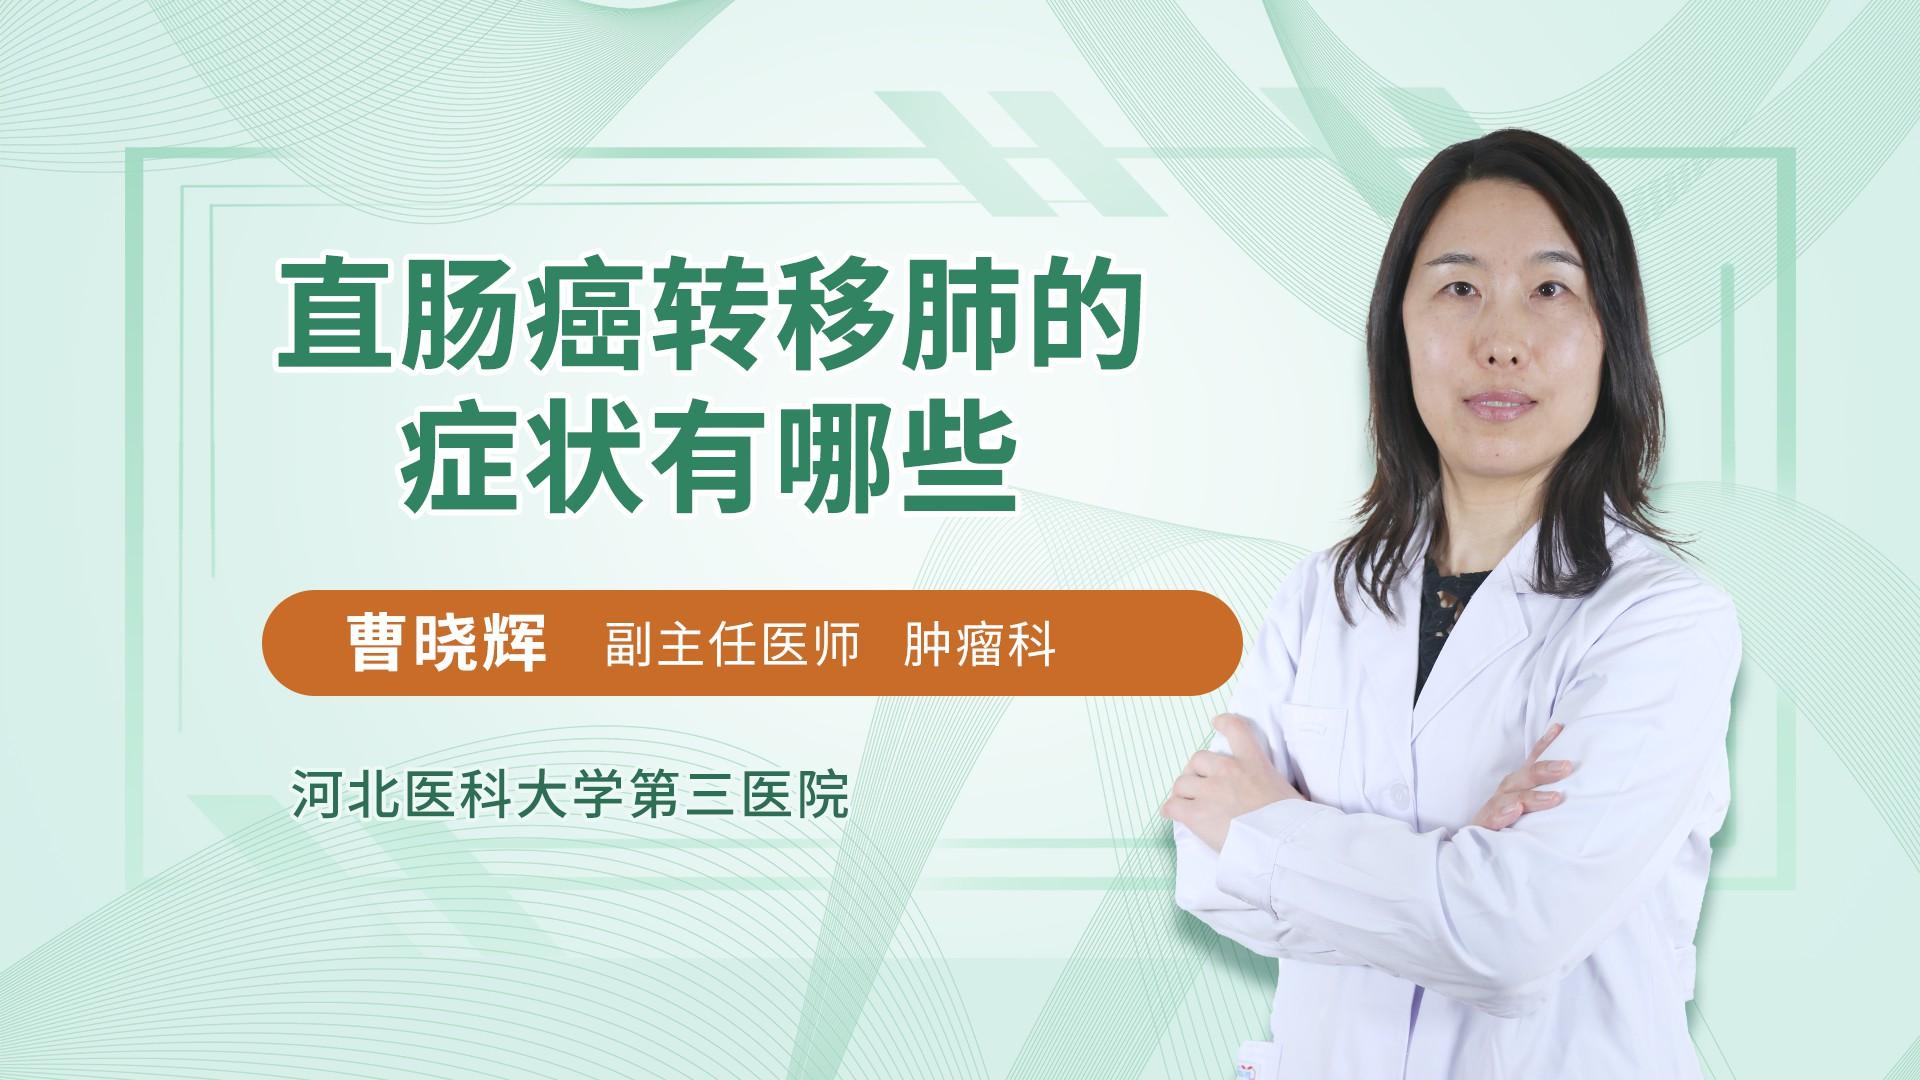 直肠癌转移肺的症状有哪些